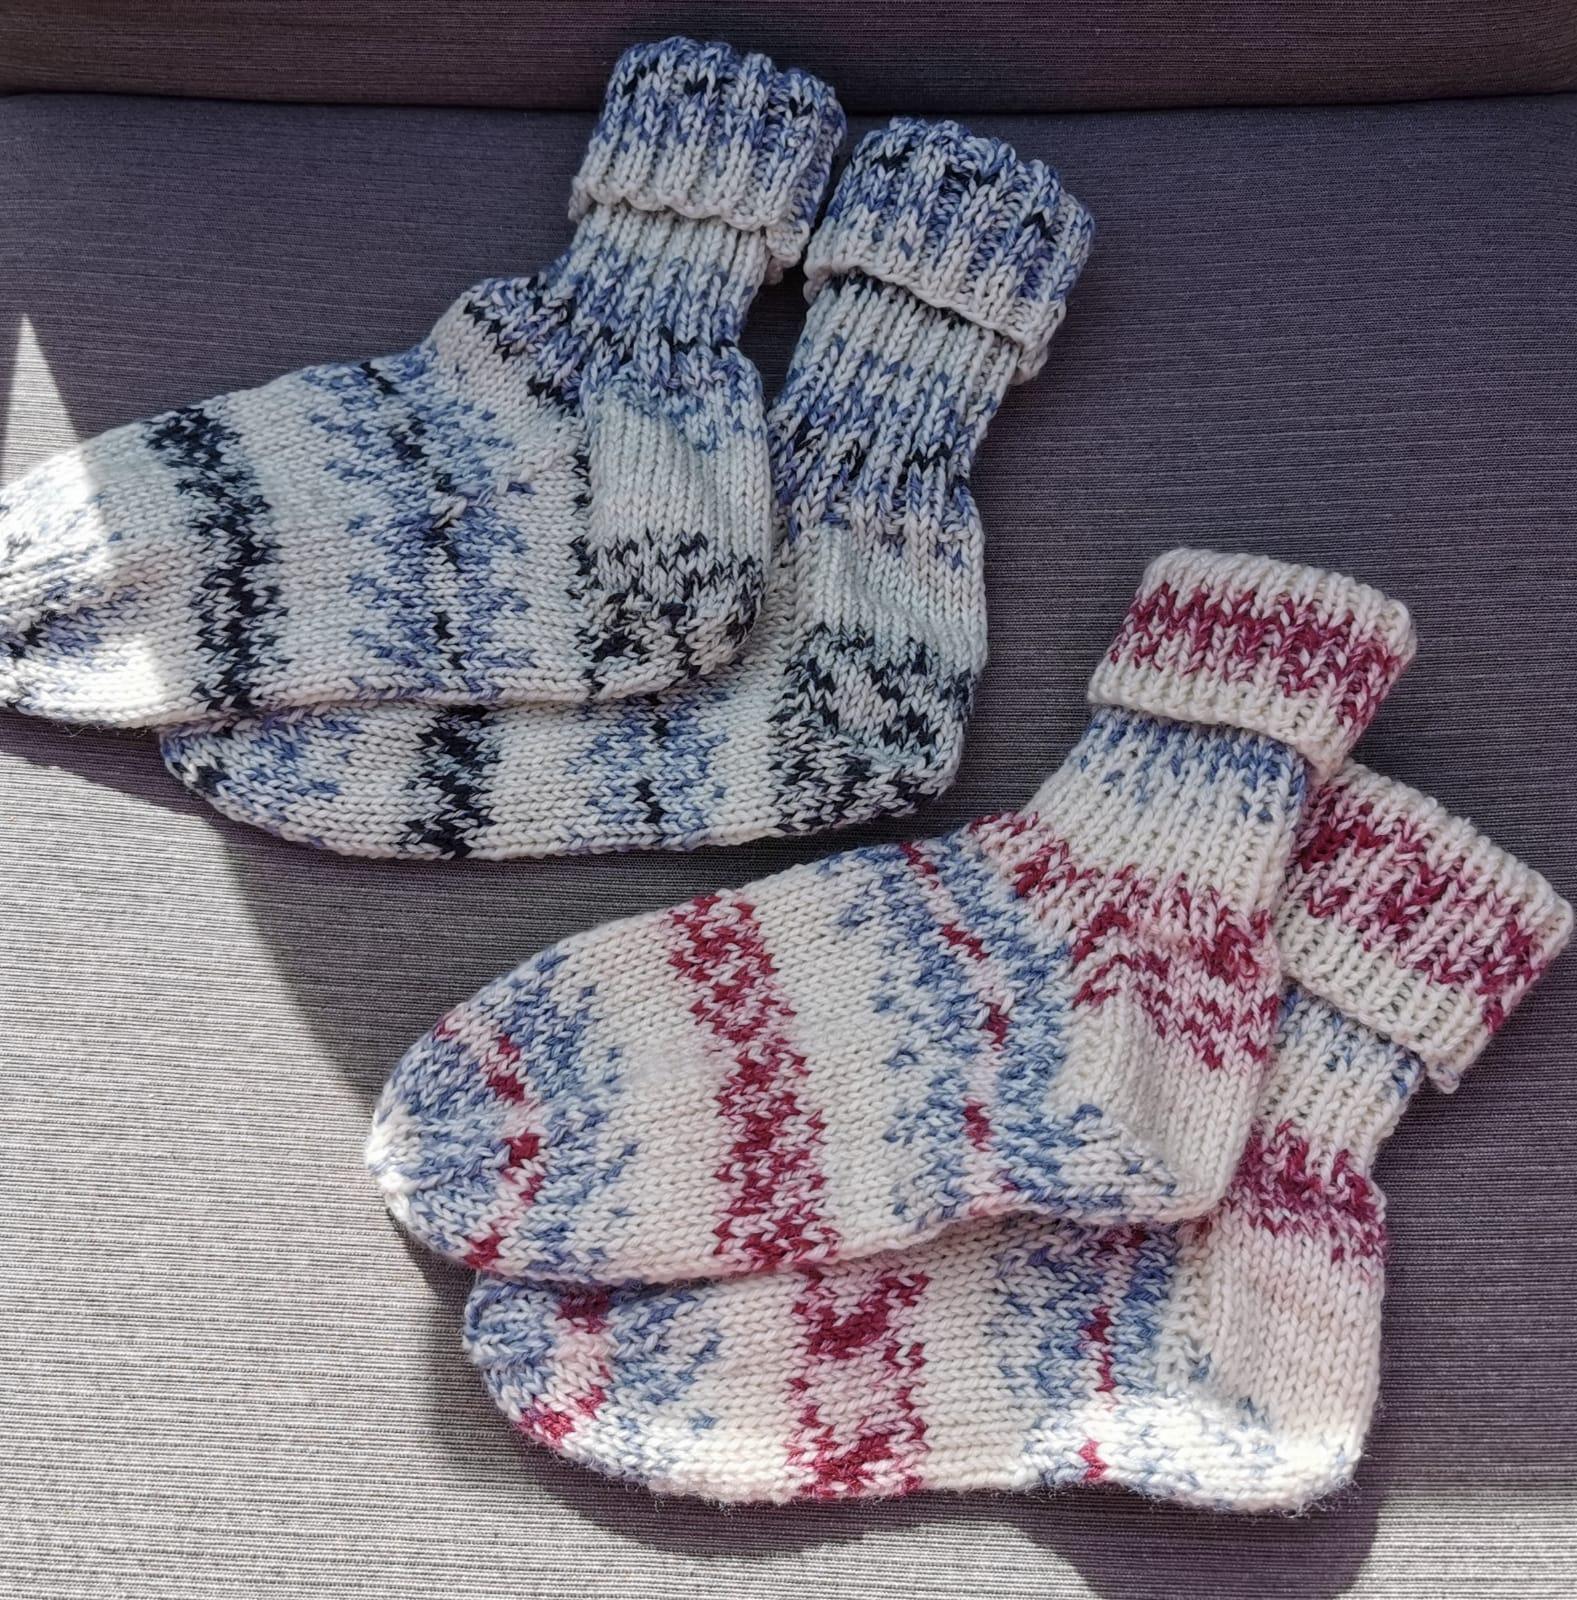 Lungauer Sockenwolle 6-fach, Farben 289-19 und 288-19